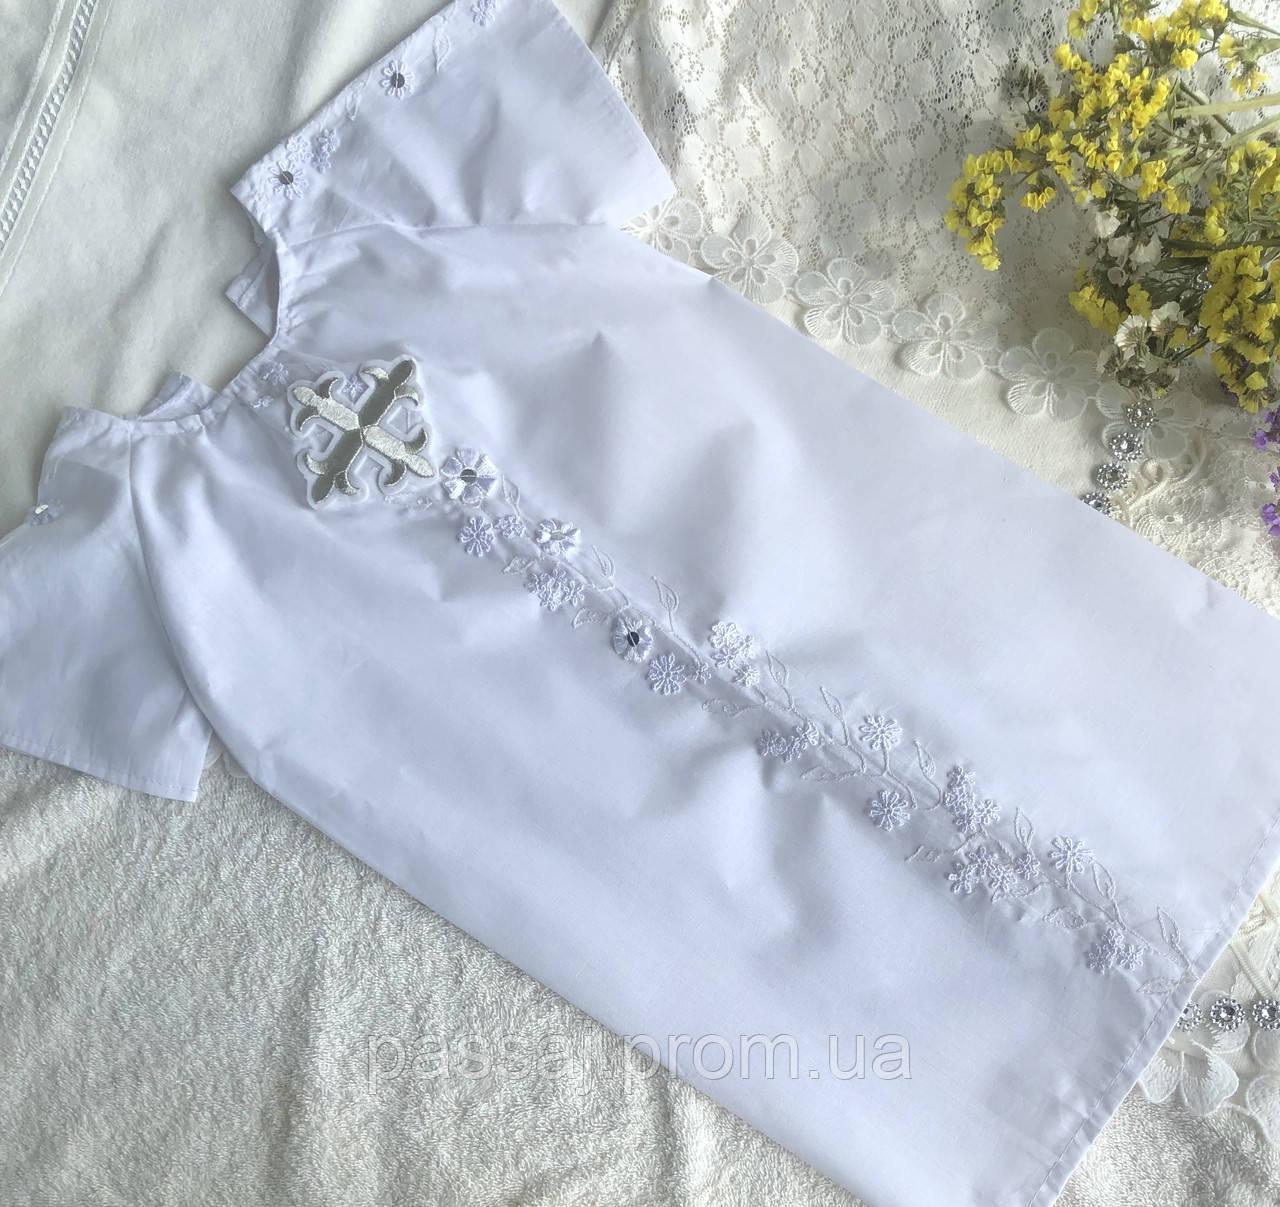 Белая рубашка для крещения с белыми цветами